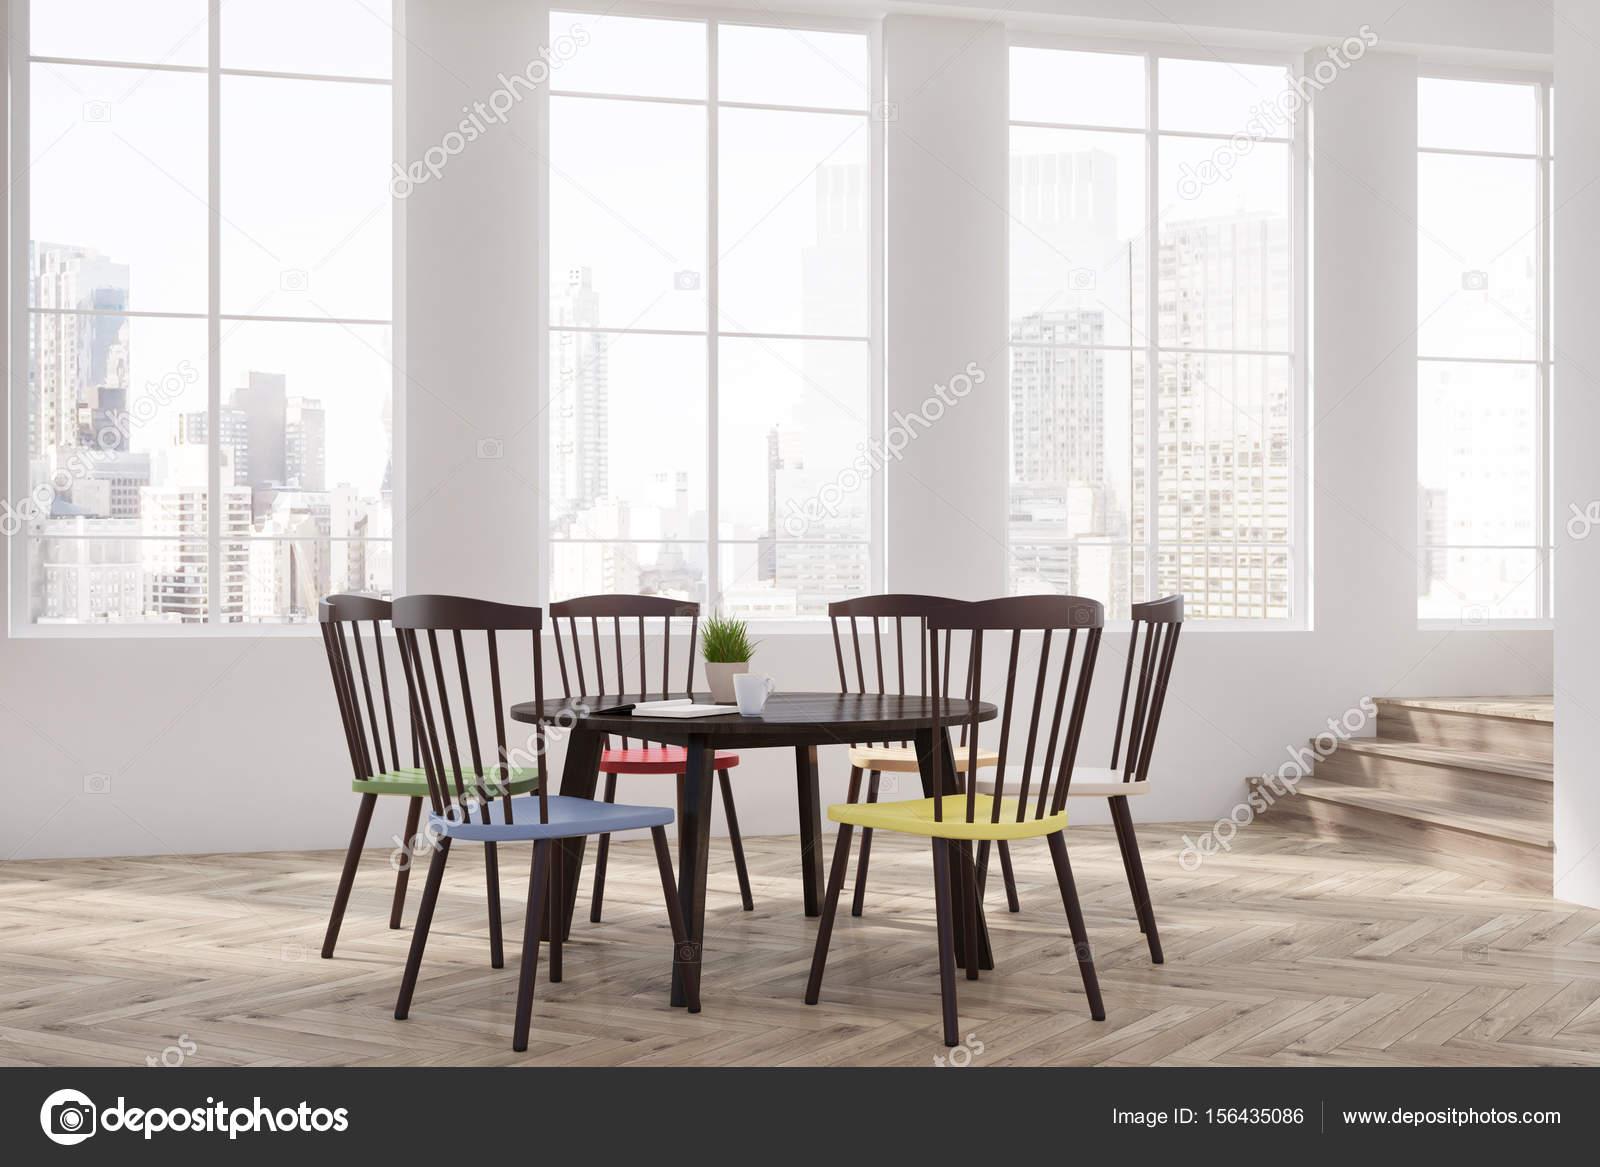 Geräumig Stühle Esszimmer Ideen Von Bunte Stühle Oder Büro — Stockfoto